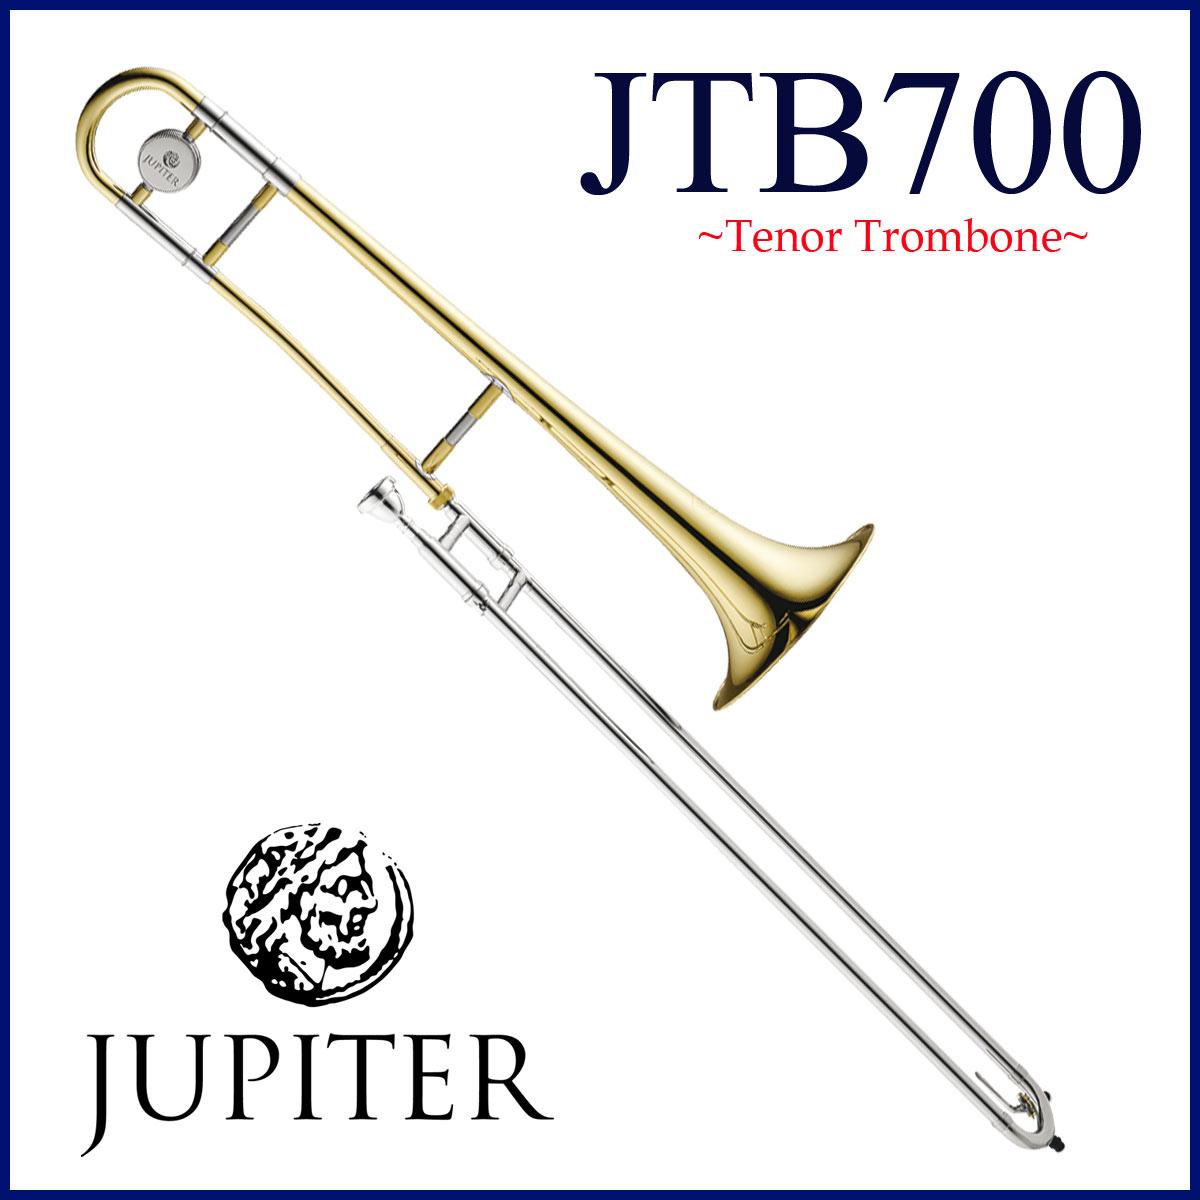 JUPITER / JTB-700 ジュピター TROMBONE テナートロンボーン ラッカー仕上げ ニッケルスライド 《お取り寄せ》